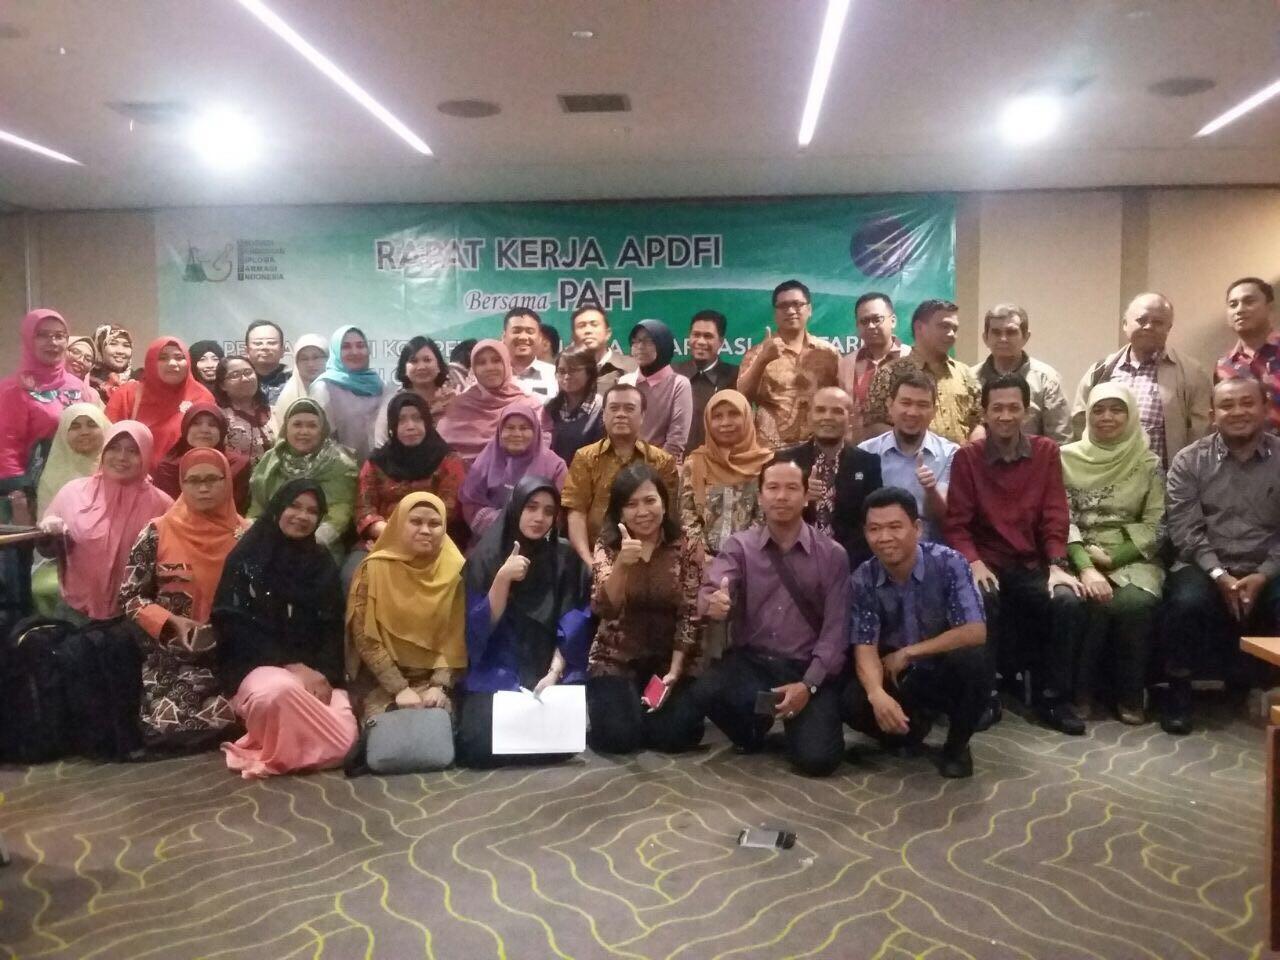 Rapat Kerja APDFI di Jakarta terkait Pesiapan Uji Kompetensi